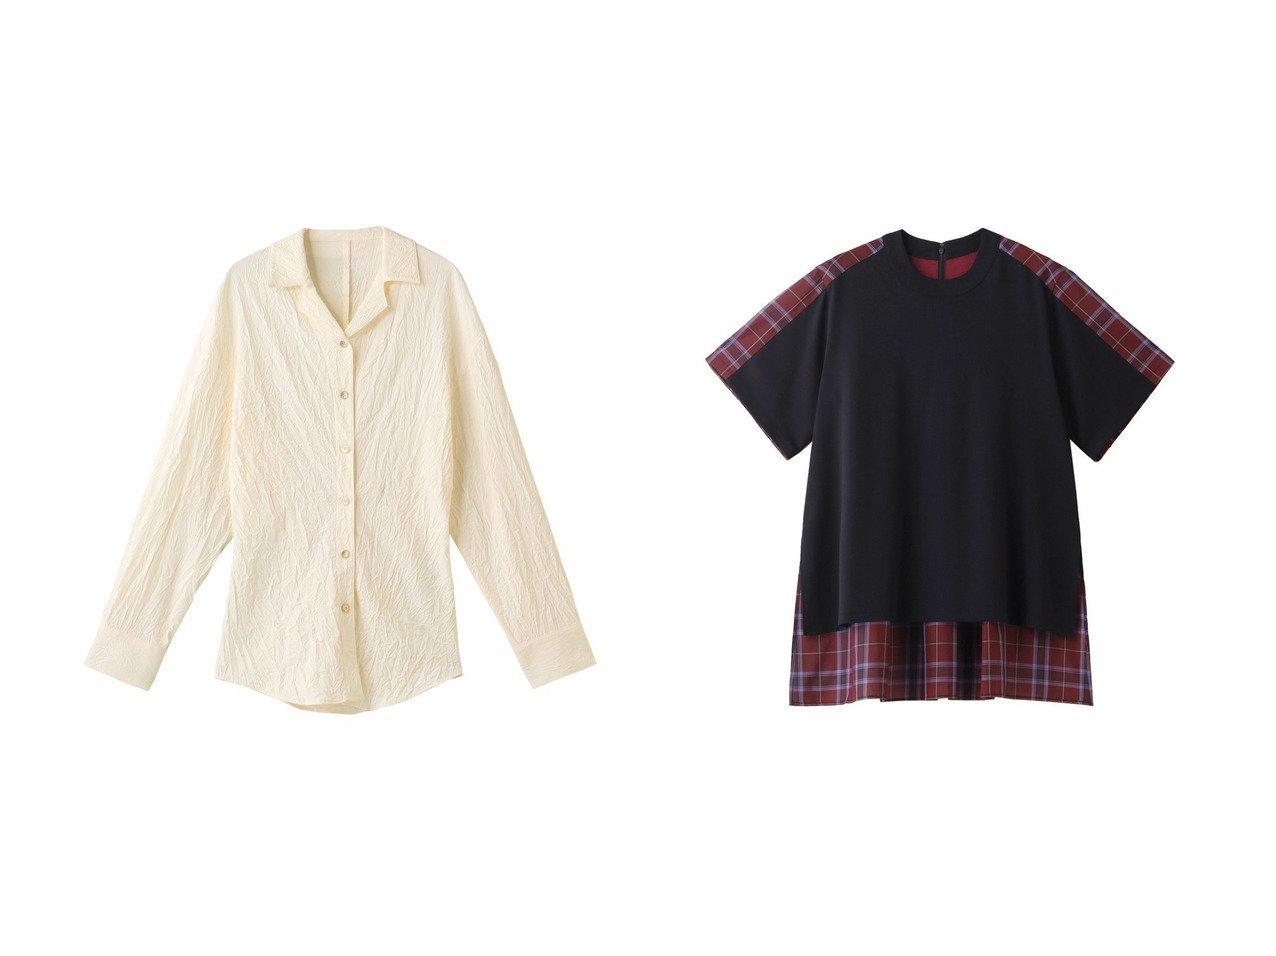 【LE CIEL BLEU/ルシェル ブルー】のクリンクルオープンカラーシャツ&バックシアーTee 【トップス・カットソー】おすすめ!人気、トレンド・レディースファッションの通販 おすすめで人気の流行・トレンド、ファッションの通販商品 インテリア・家具・メンズファッション・キッズファッション・レディースファッション・服の通販 founy(ファニー) https://founy.com/ ファッション Fashion レディースファッション WOMEN トップス・カットソー Tops/Tshirt シャツ/ブラウス Shirts/Blouses ロング / Tシャツ T-Shirts カットソー Cut and Sewn 2020年 2020 2020-2021秋冬・A/W AW・Autumn/Winter・FW・Fall-Winter/2020-2021 2021年 2021 2021-2022秋冬・A/W AW・Autumn/Winter・FW・Fall-Winter・2021-2022 A/W・秋冬 AW・Autumn/Winter・FW・Fall-Winter オーガンジー シアー ショート スリーブ チェック 半袖 シェイプ ロング 長袖 |ID:crp329100000063976